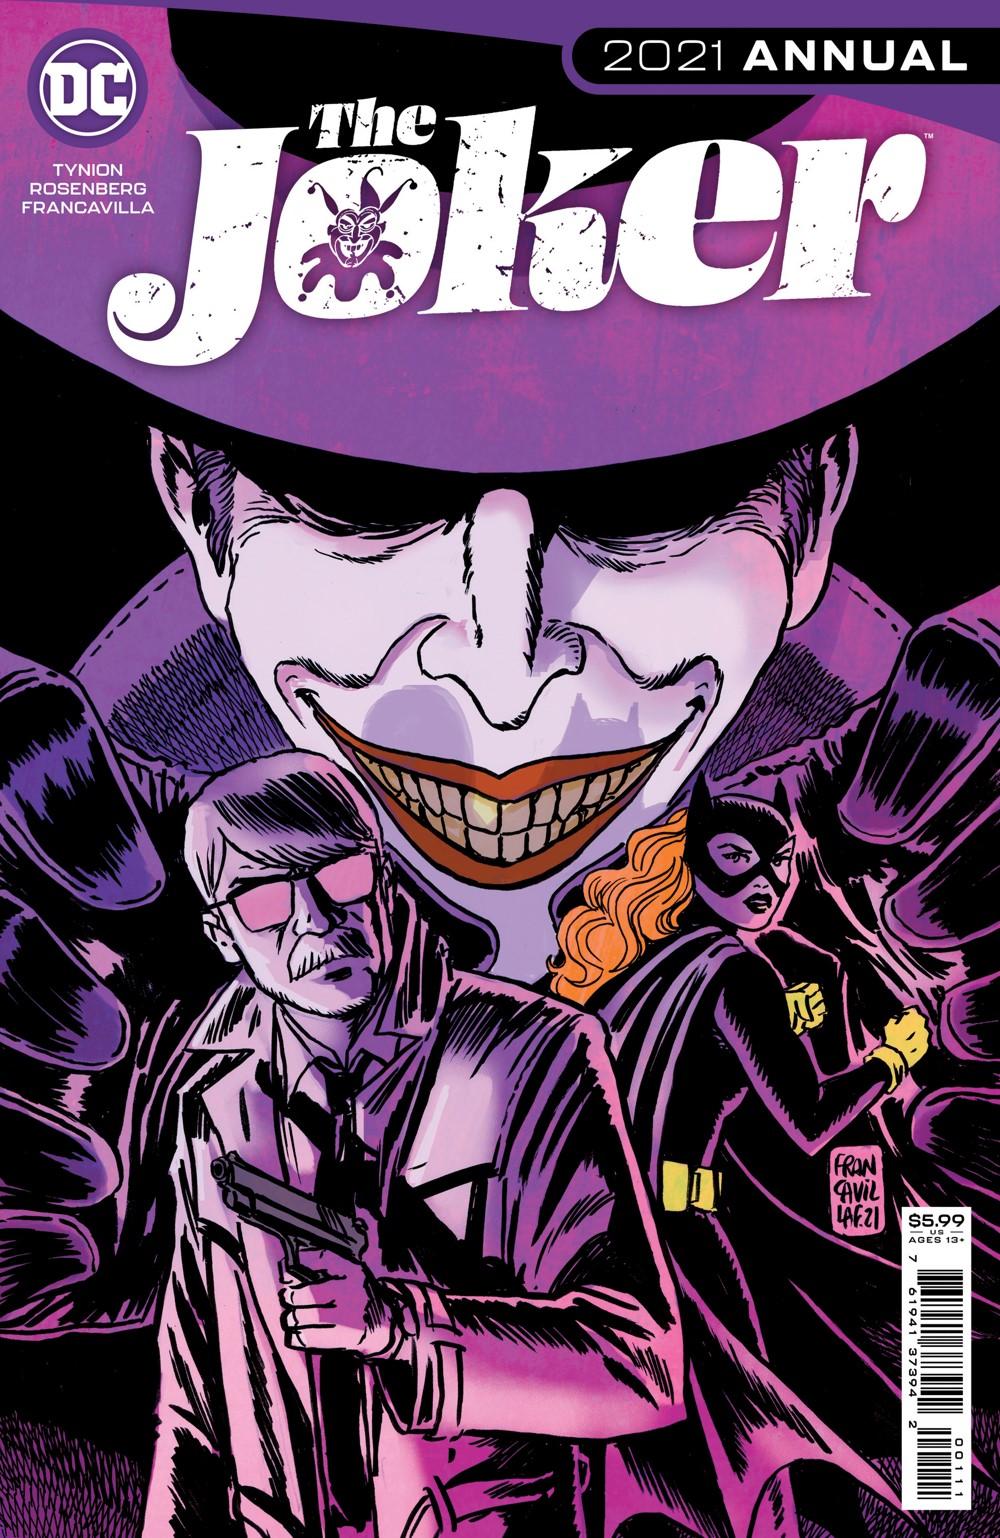 JOKER_ANN_2021_Cv1 DC Comics November 2021 Solicitations